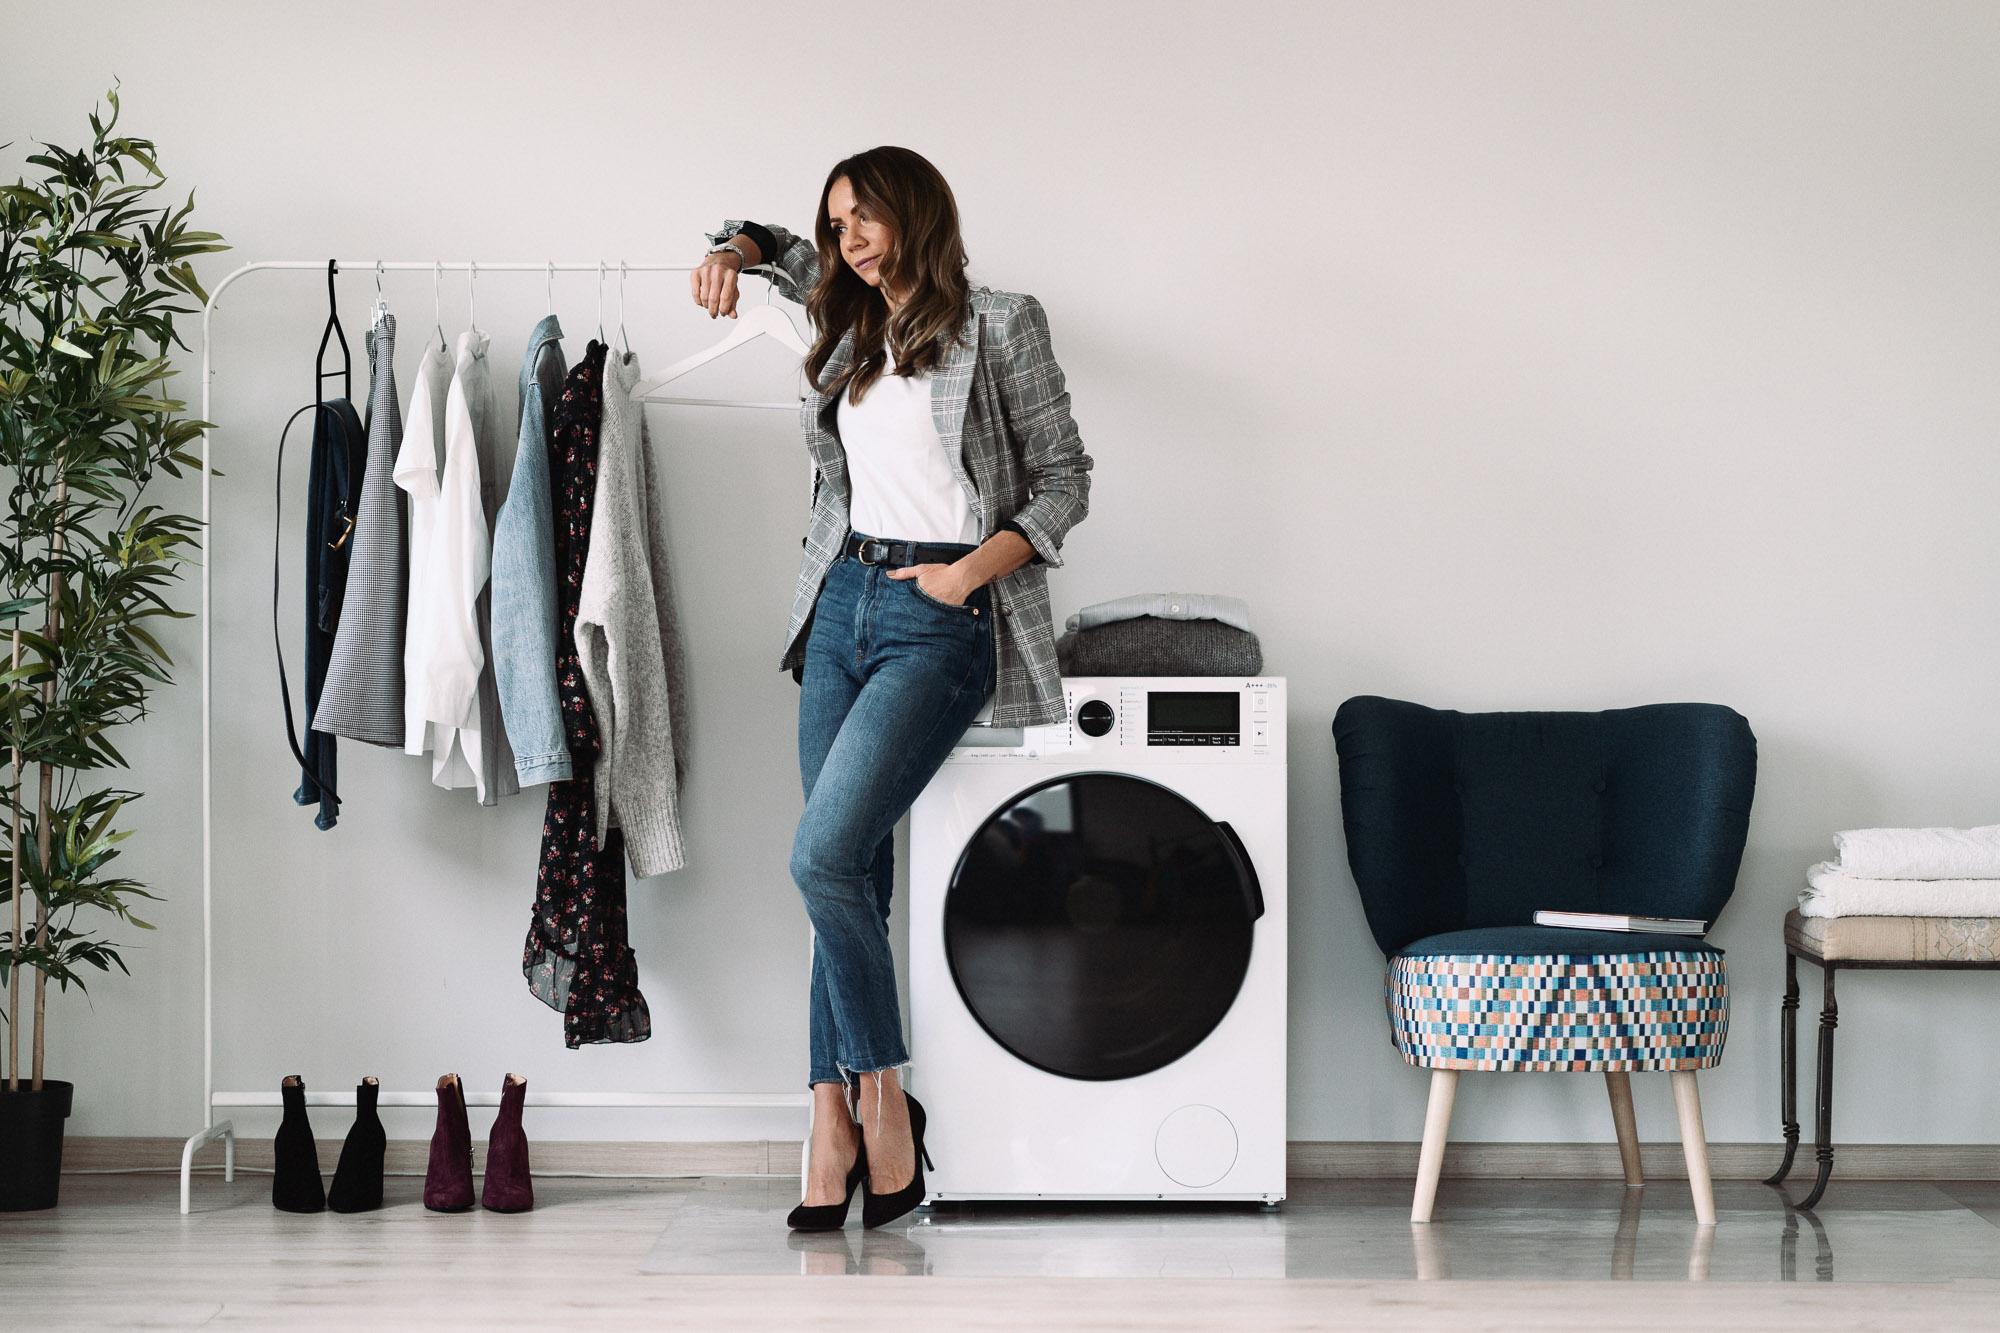 Dobra pralka i kapsułowa szafa, czyli sposób na szybkie stylizacje